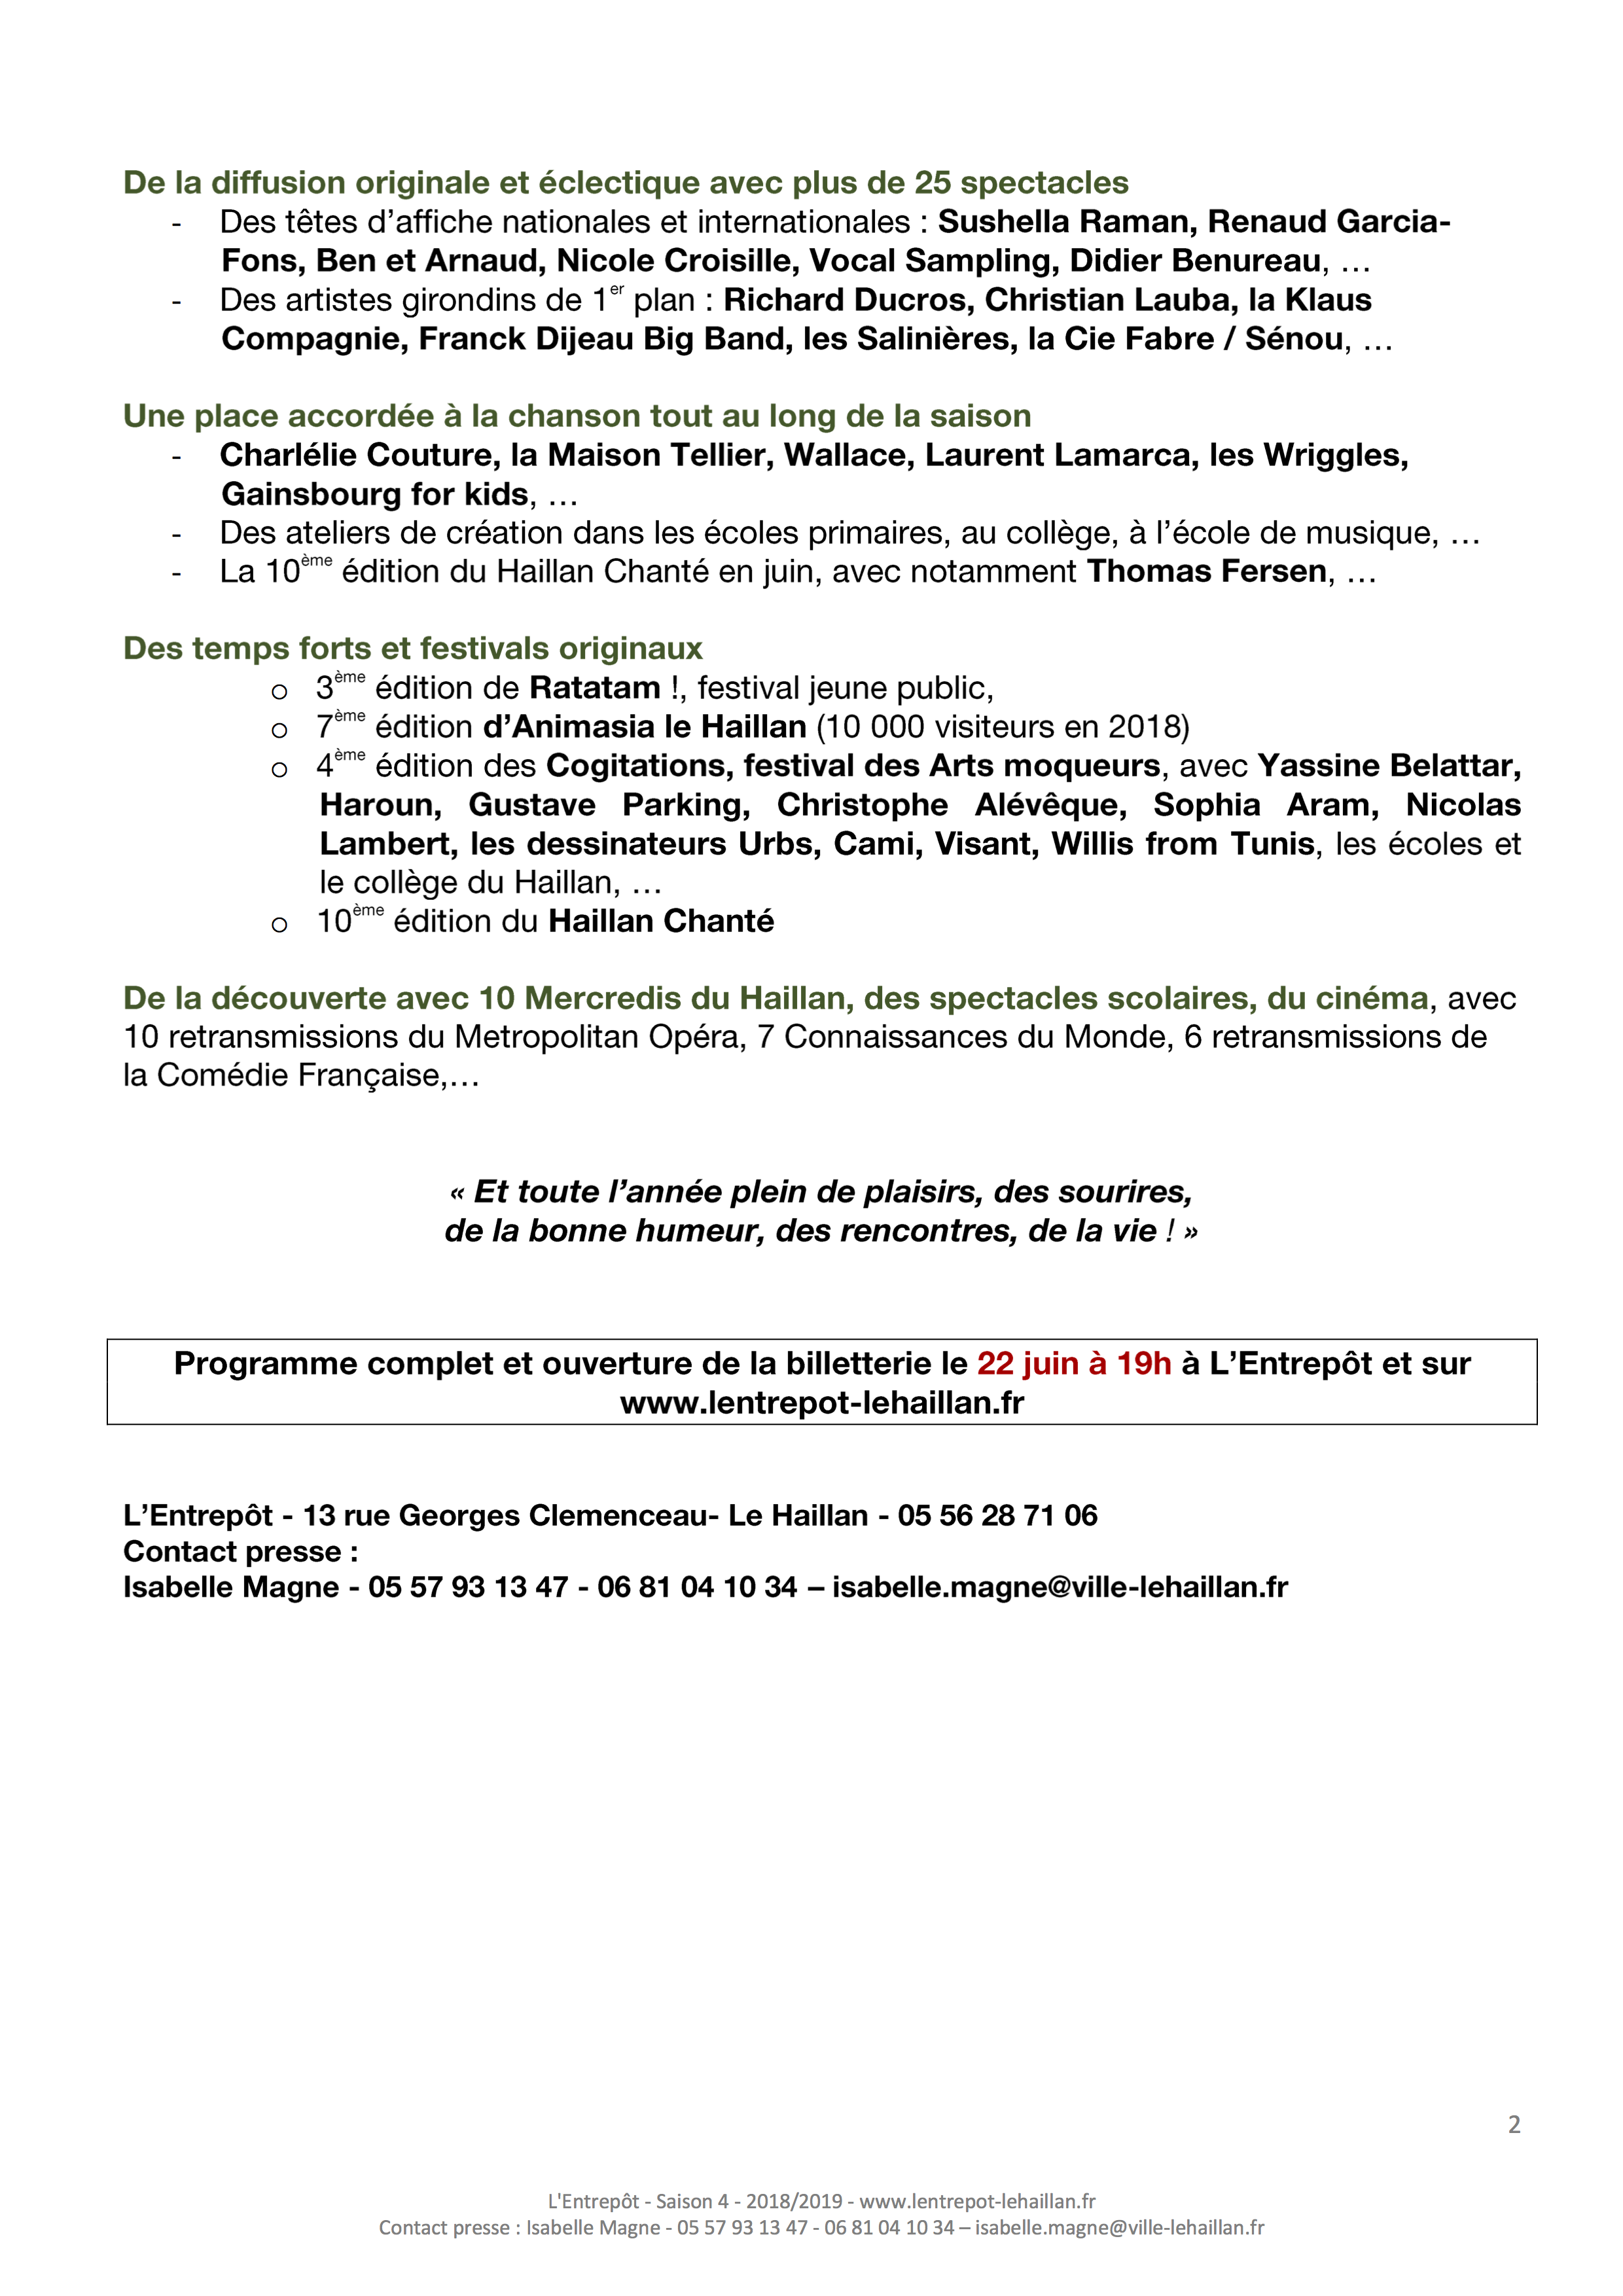 communique-de-presse_n1_-lentrepot-presente-sa-saison-4-_-22-juin-a-19h-2